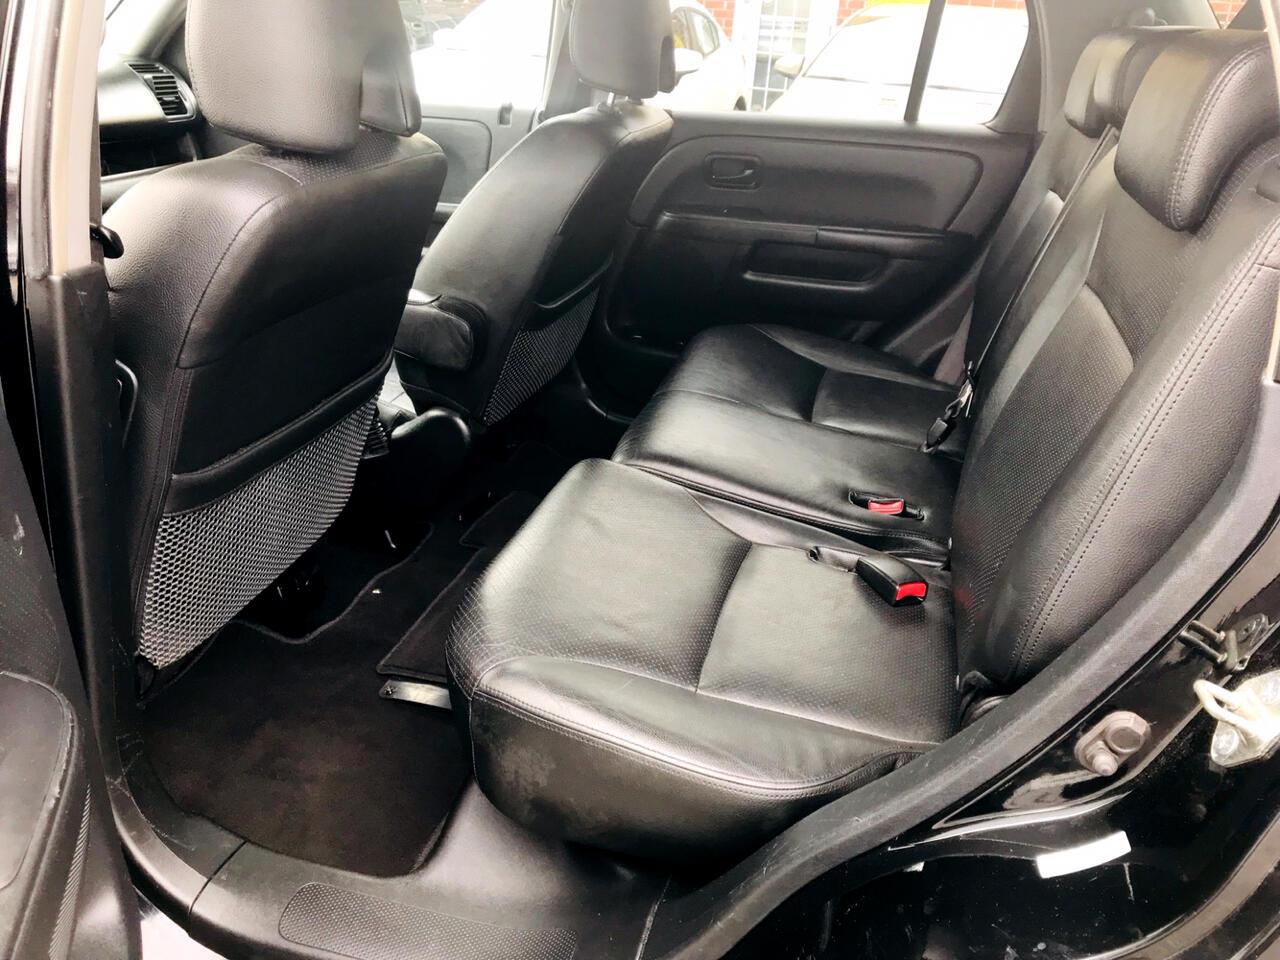 2006 Honda CR-V SE 4WD AT